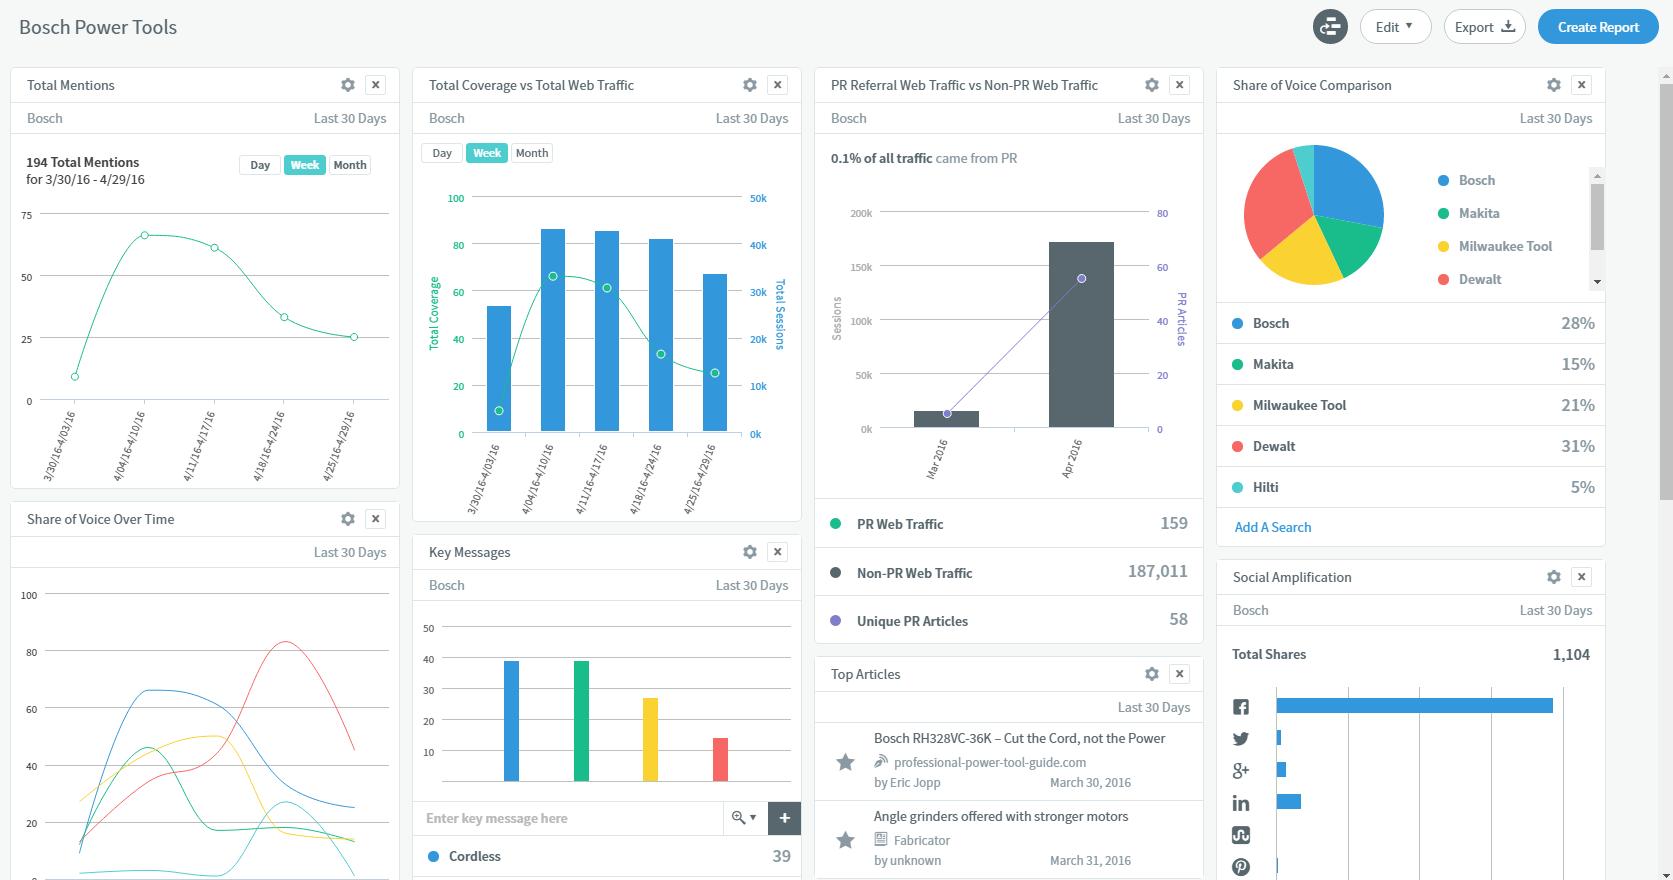 Bosch TrendKite Dashboard